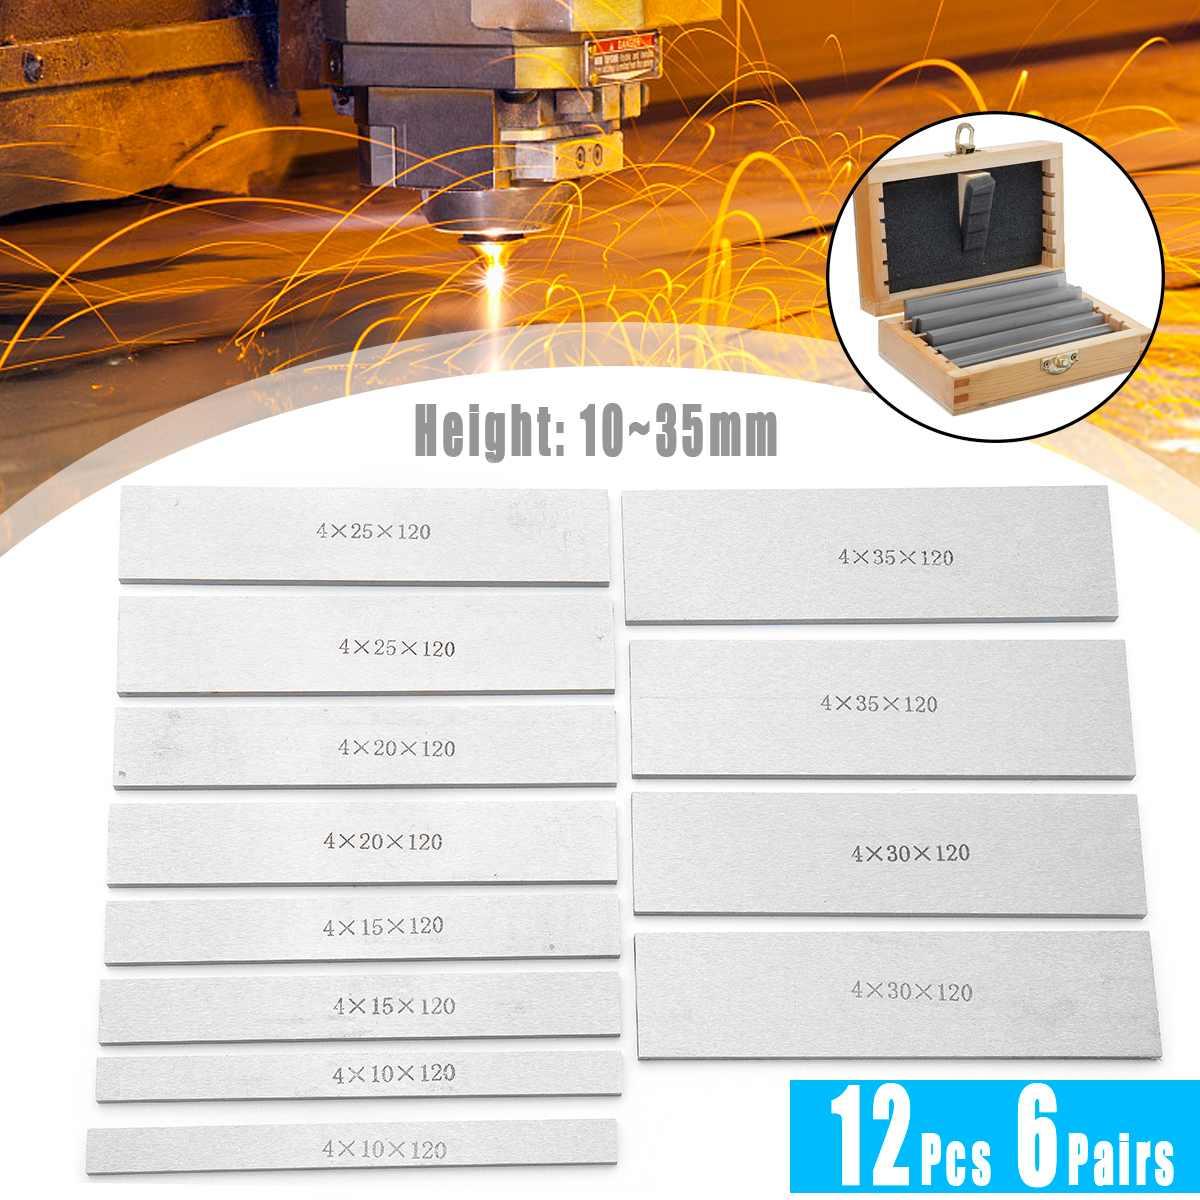 6 Pairs 12Pcs Parallel Pad Gauge Block Alloy steel CNC Milling Pads Set 120mm x 10